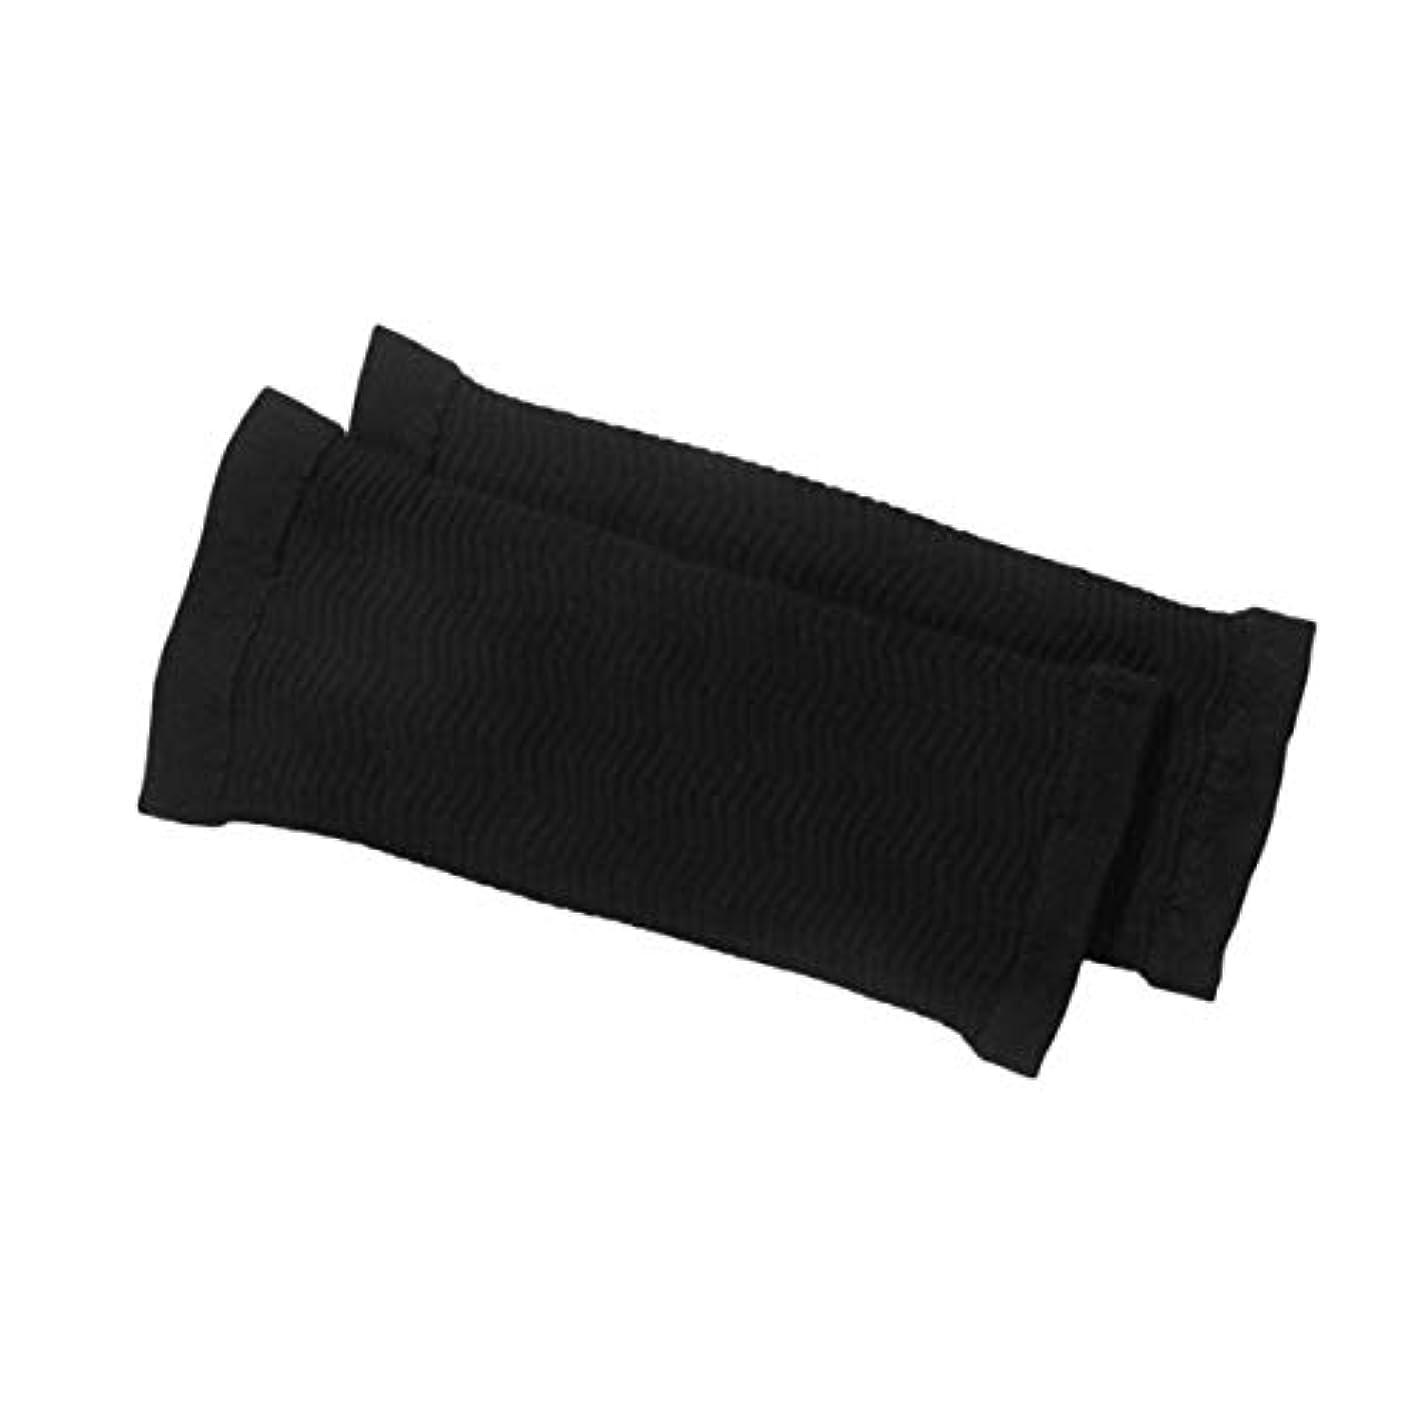 窒素こどもの日悔い改め1ペア420 D圧縮痩身アームスリーブワークアウトトーニングバーンセルライトシェイパー脂肪燃焼袖用女性 - 黒